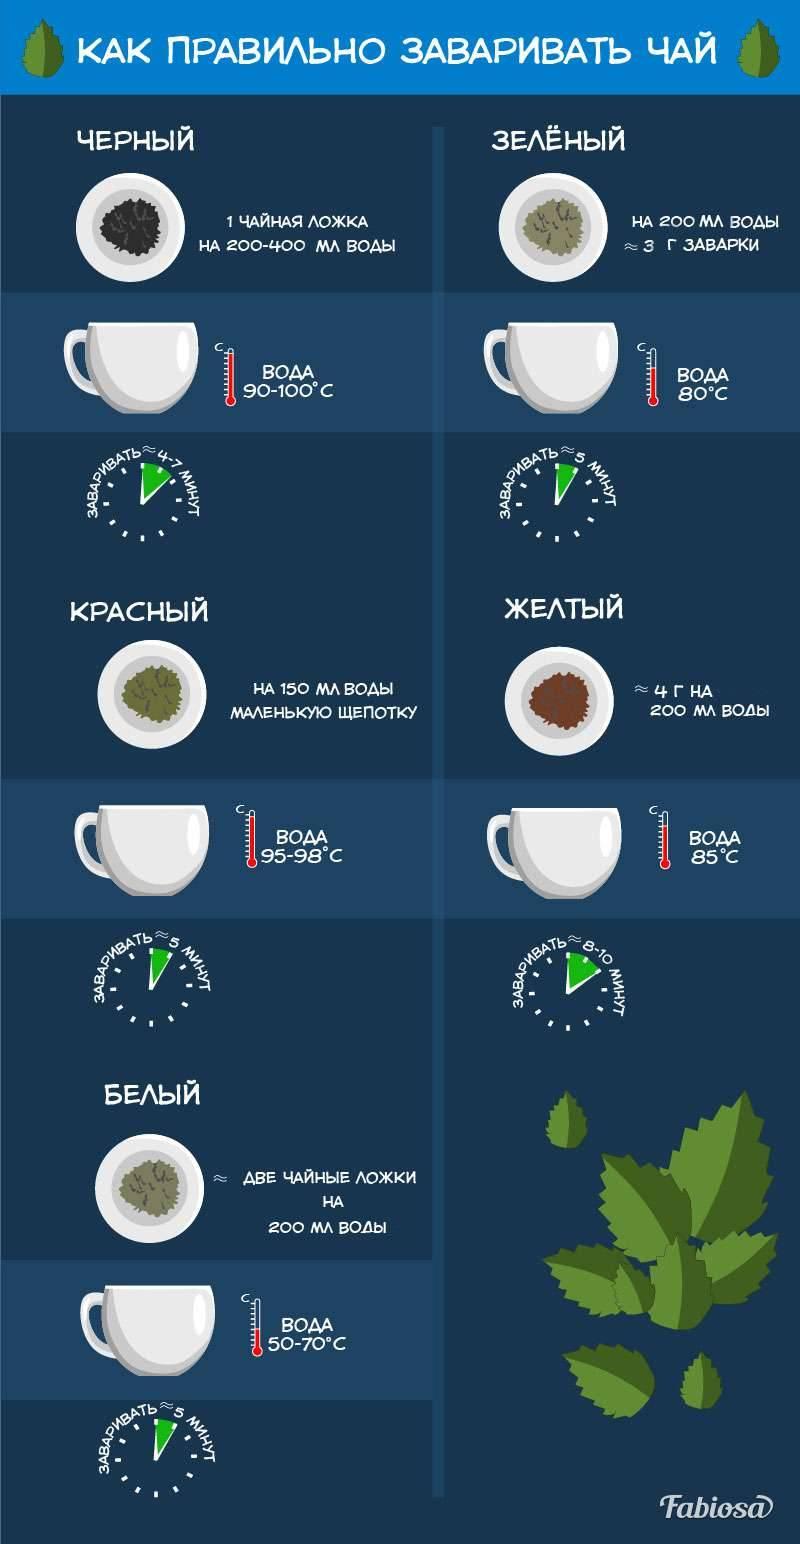 Как правильно заваривать чай: этапы и правила заваривания чёрного и зелёного чая